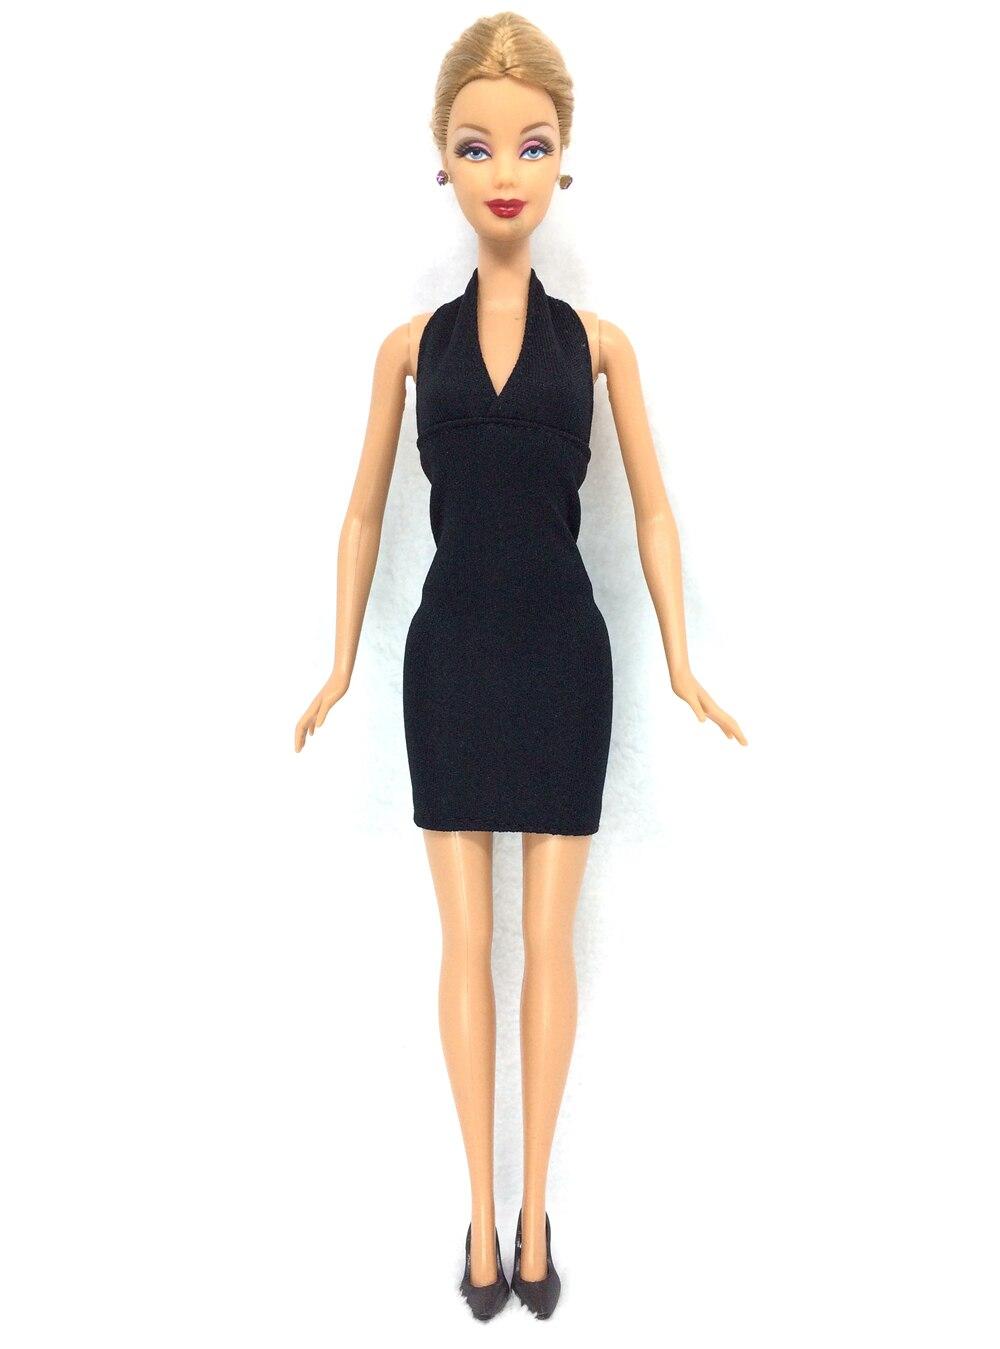 NK 12 föremål = 6 svarta klänningar + 6 svarta klackar docka mode - Dockor och tillbehör - Foto 2